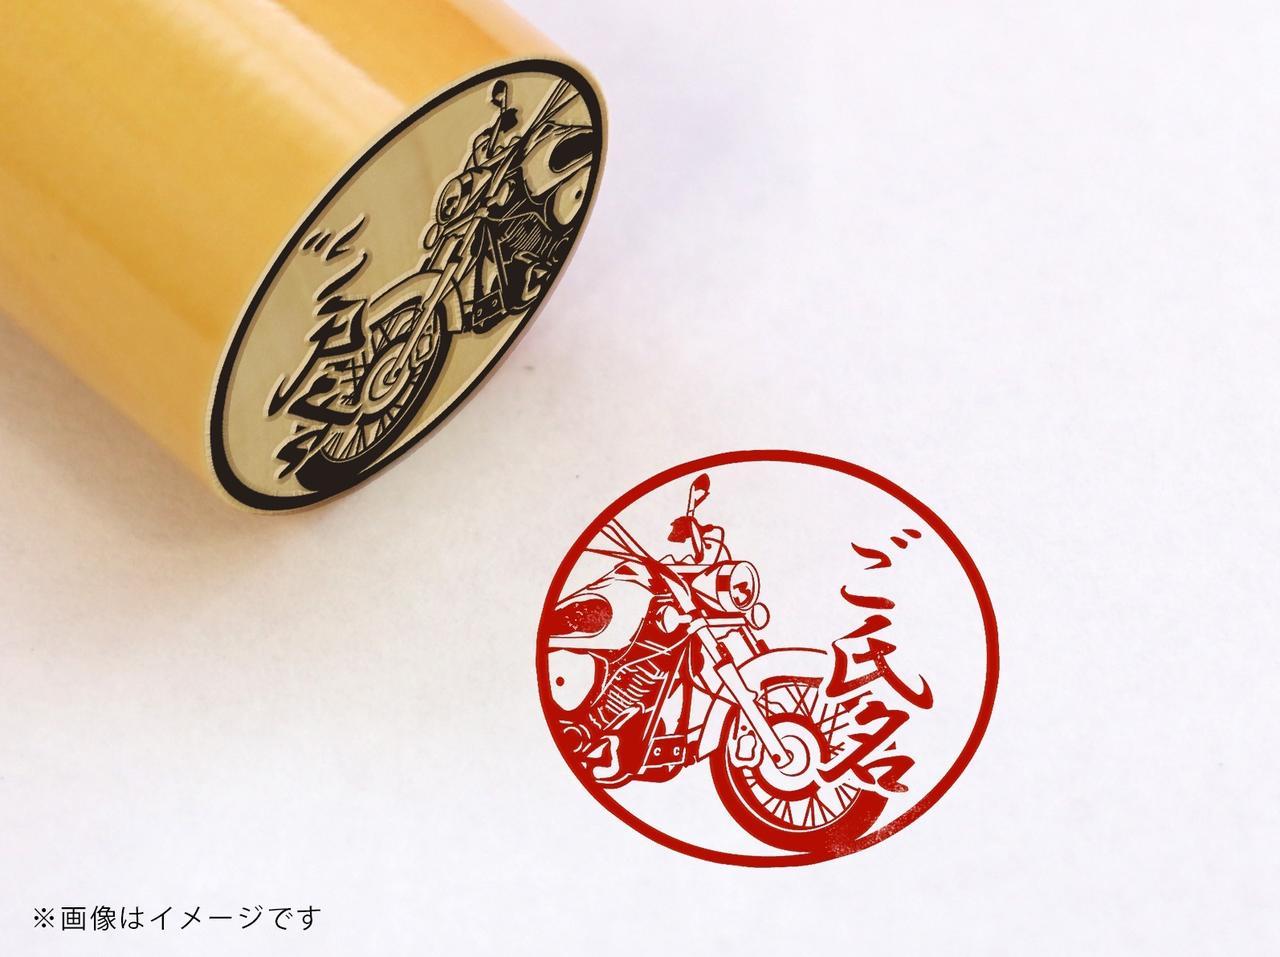 Images : 【YAMAHA】ドラッグスター250・柘植丸印18mm